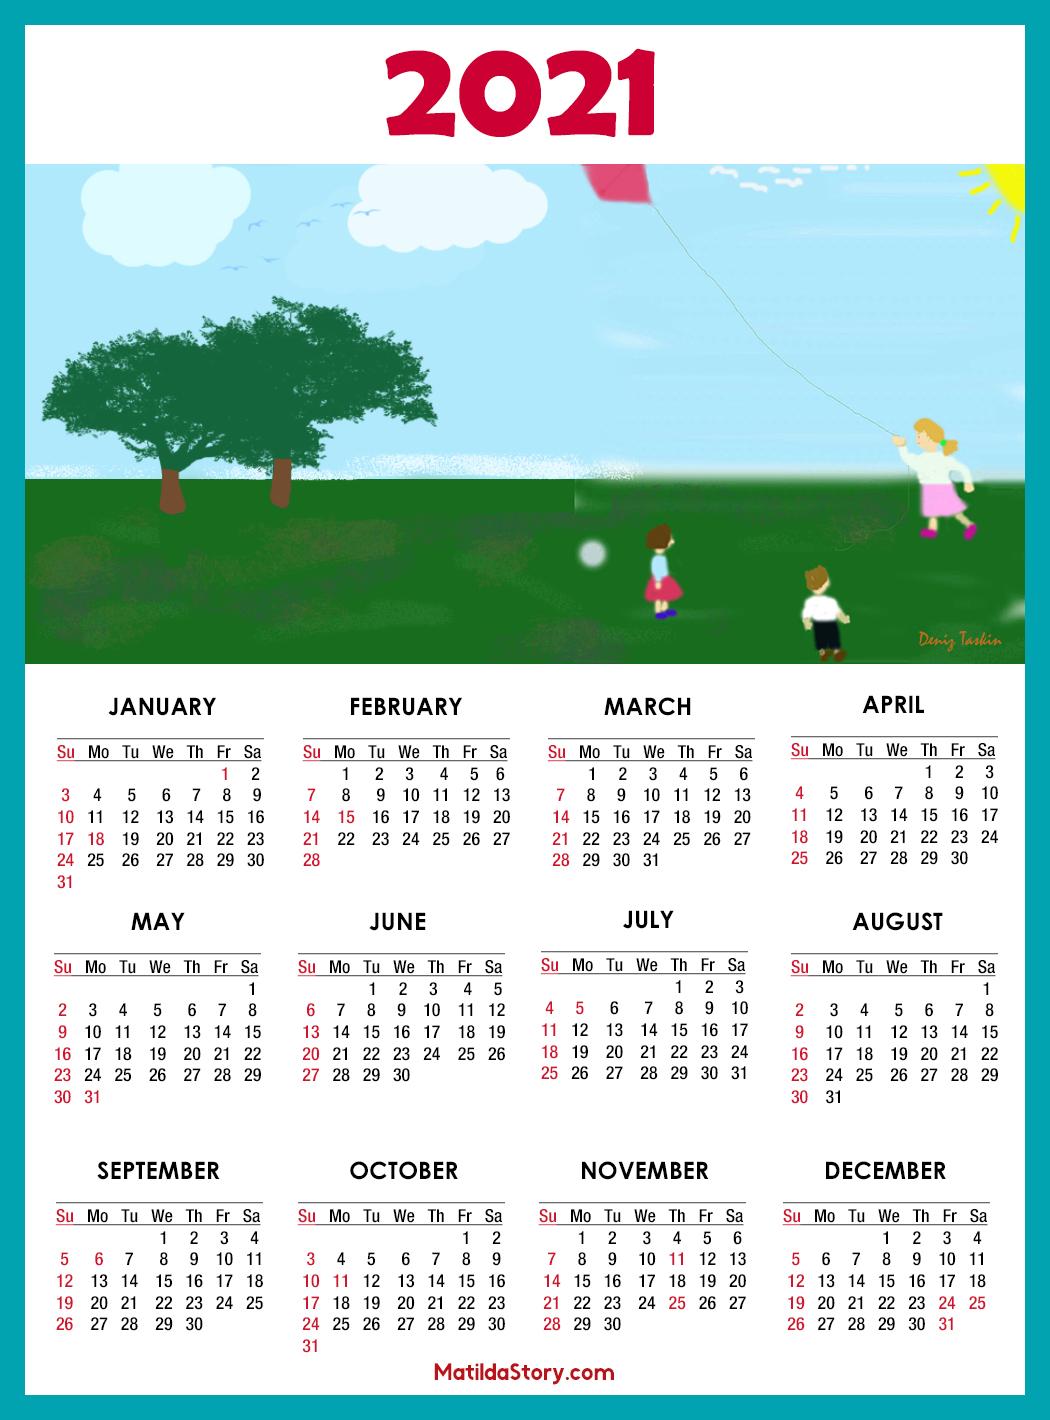 Calendars - MatildaStory.com